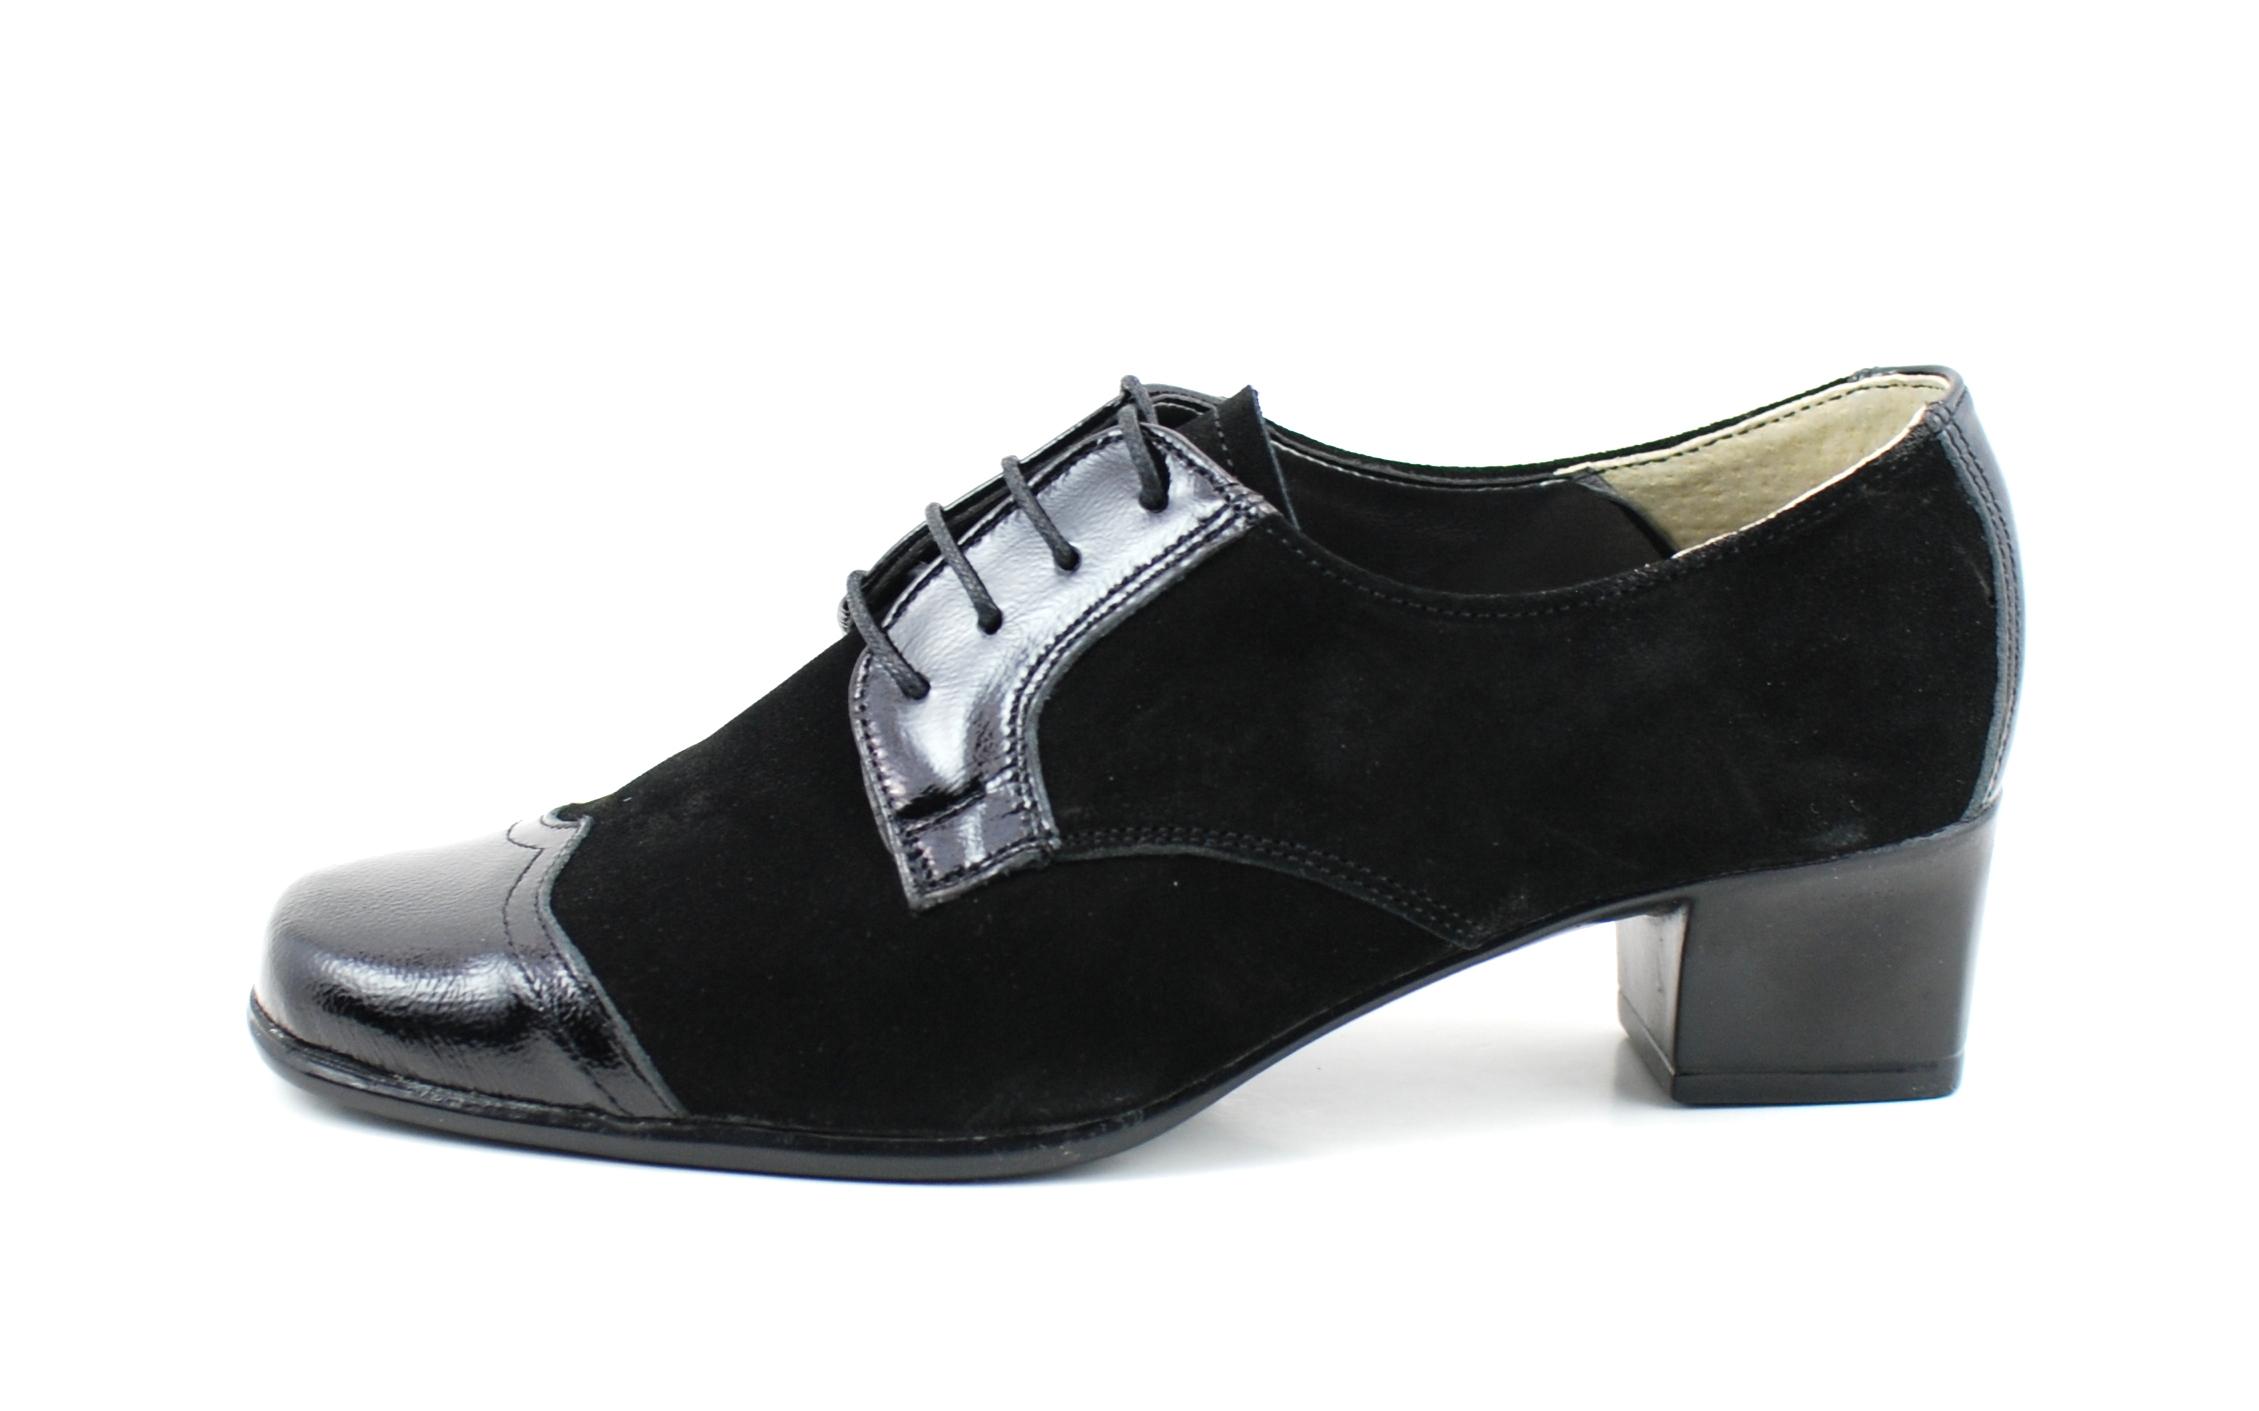 Pantofi dama piele intoarsa cu piele lacuita, casual - P26NLACVEL